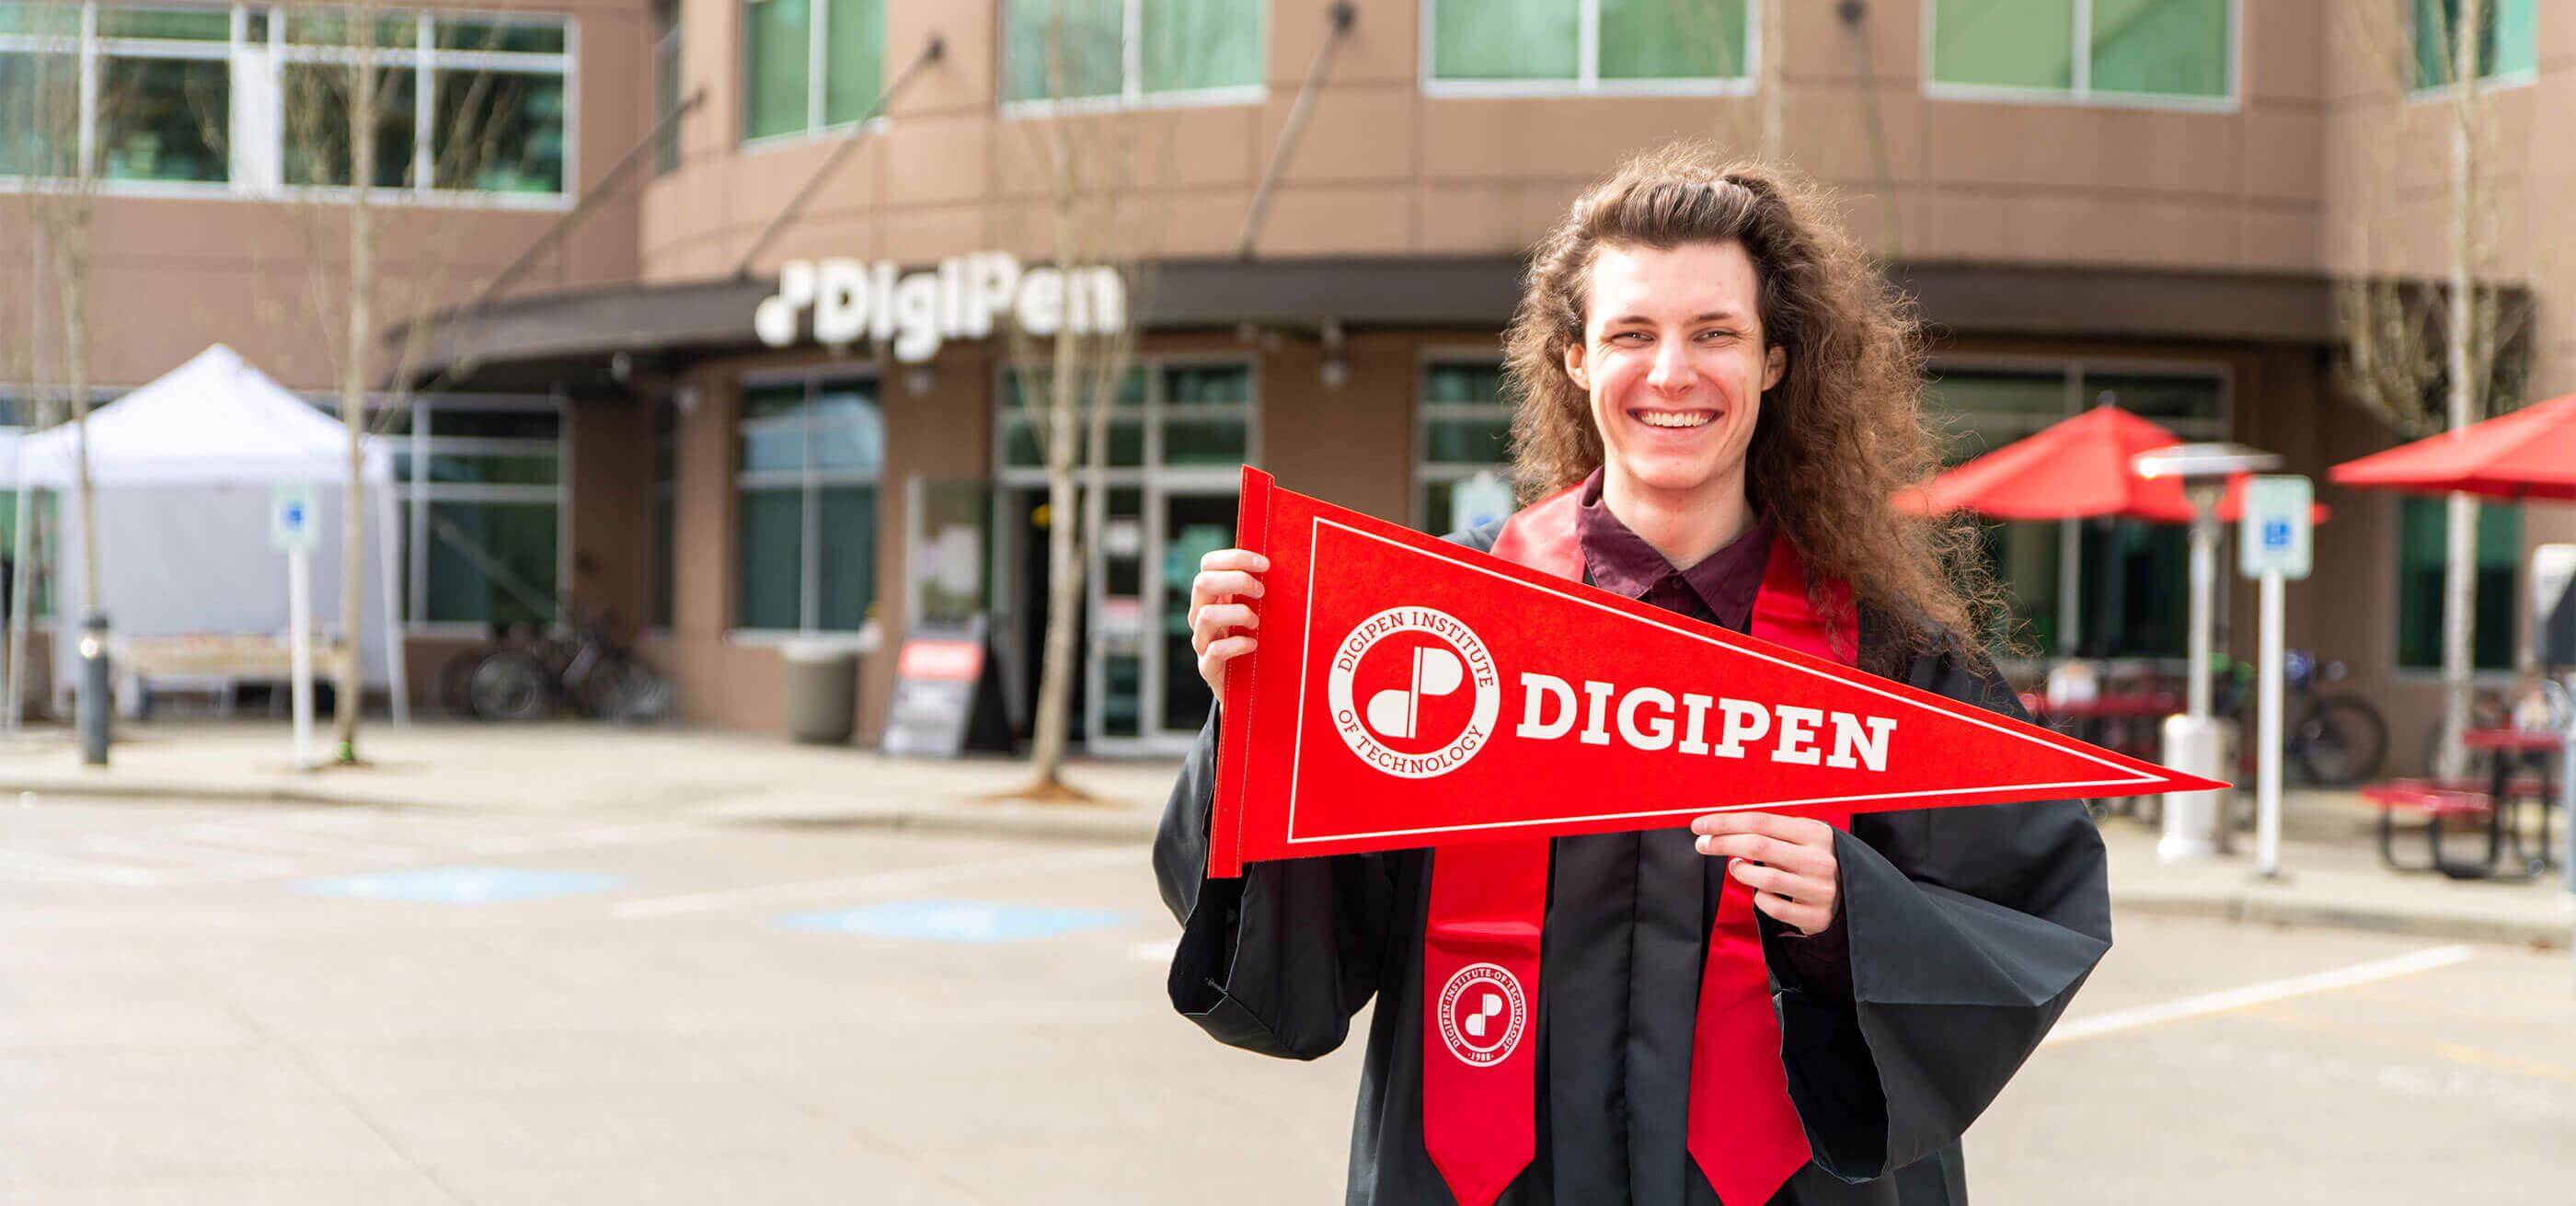 DigiPen graduate Felix Knight DigiPen holding pennant